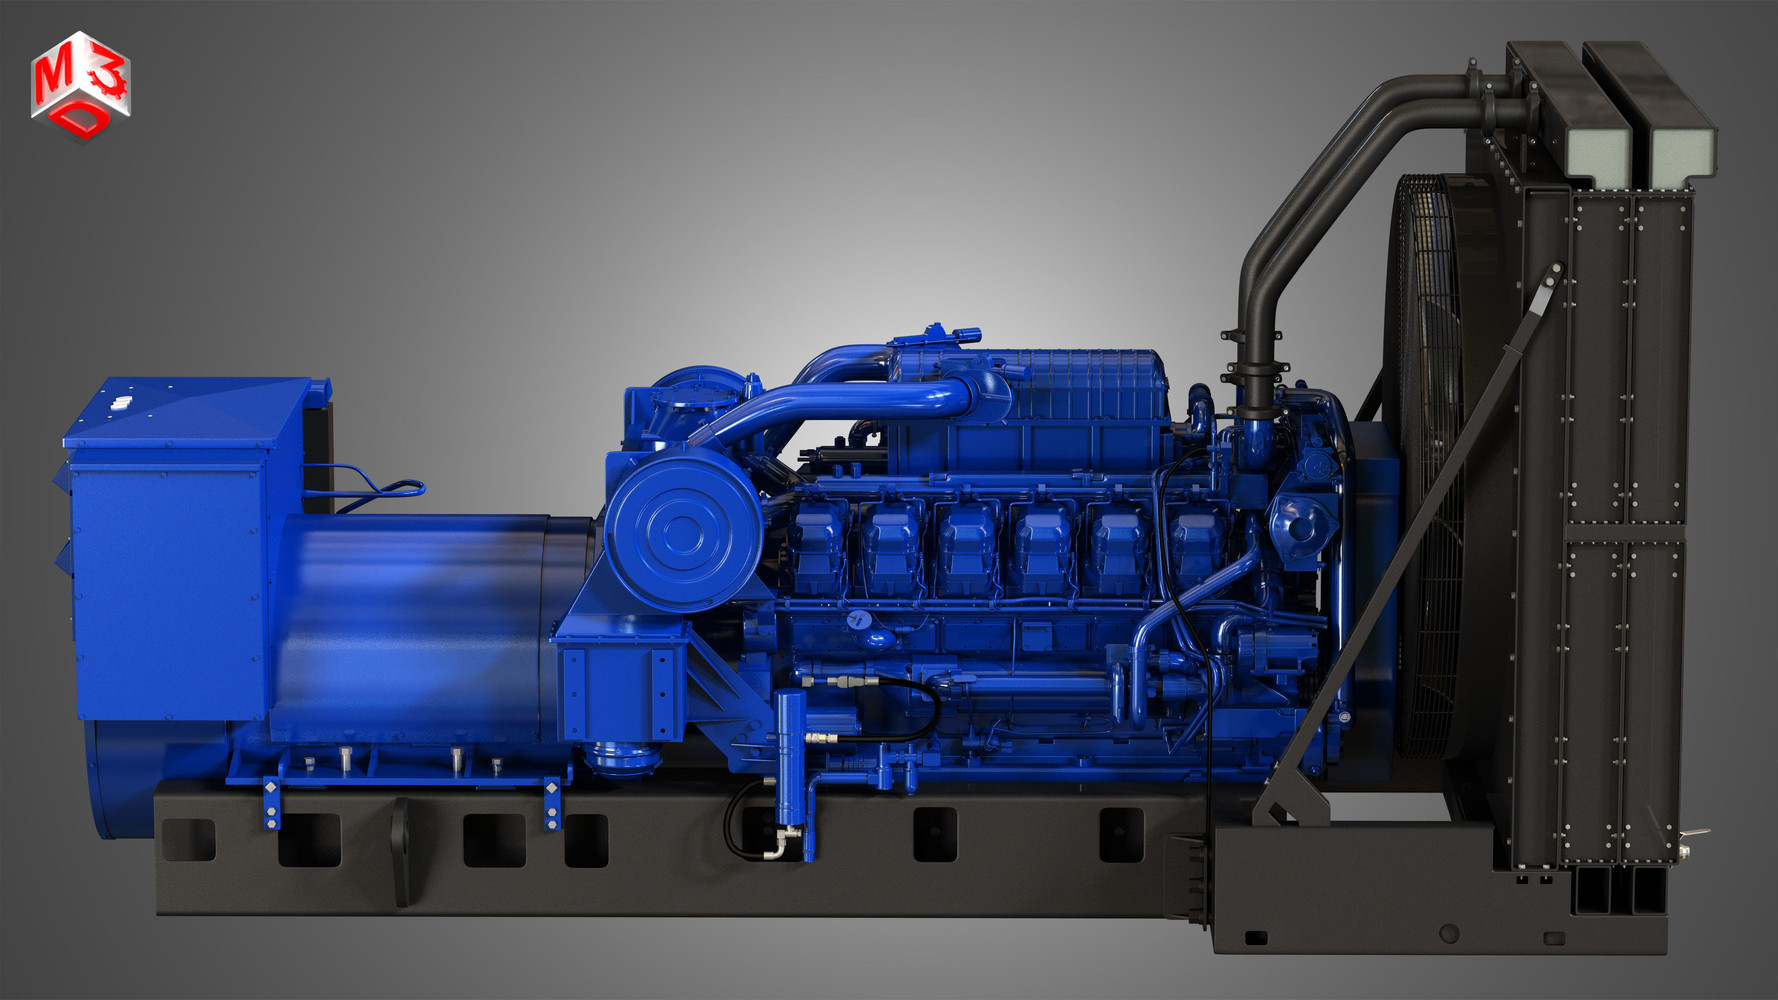 3512-engine-v-12-generator-engine-3d-mod